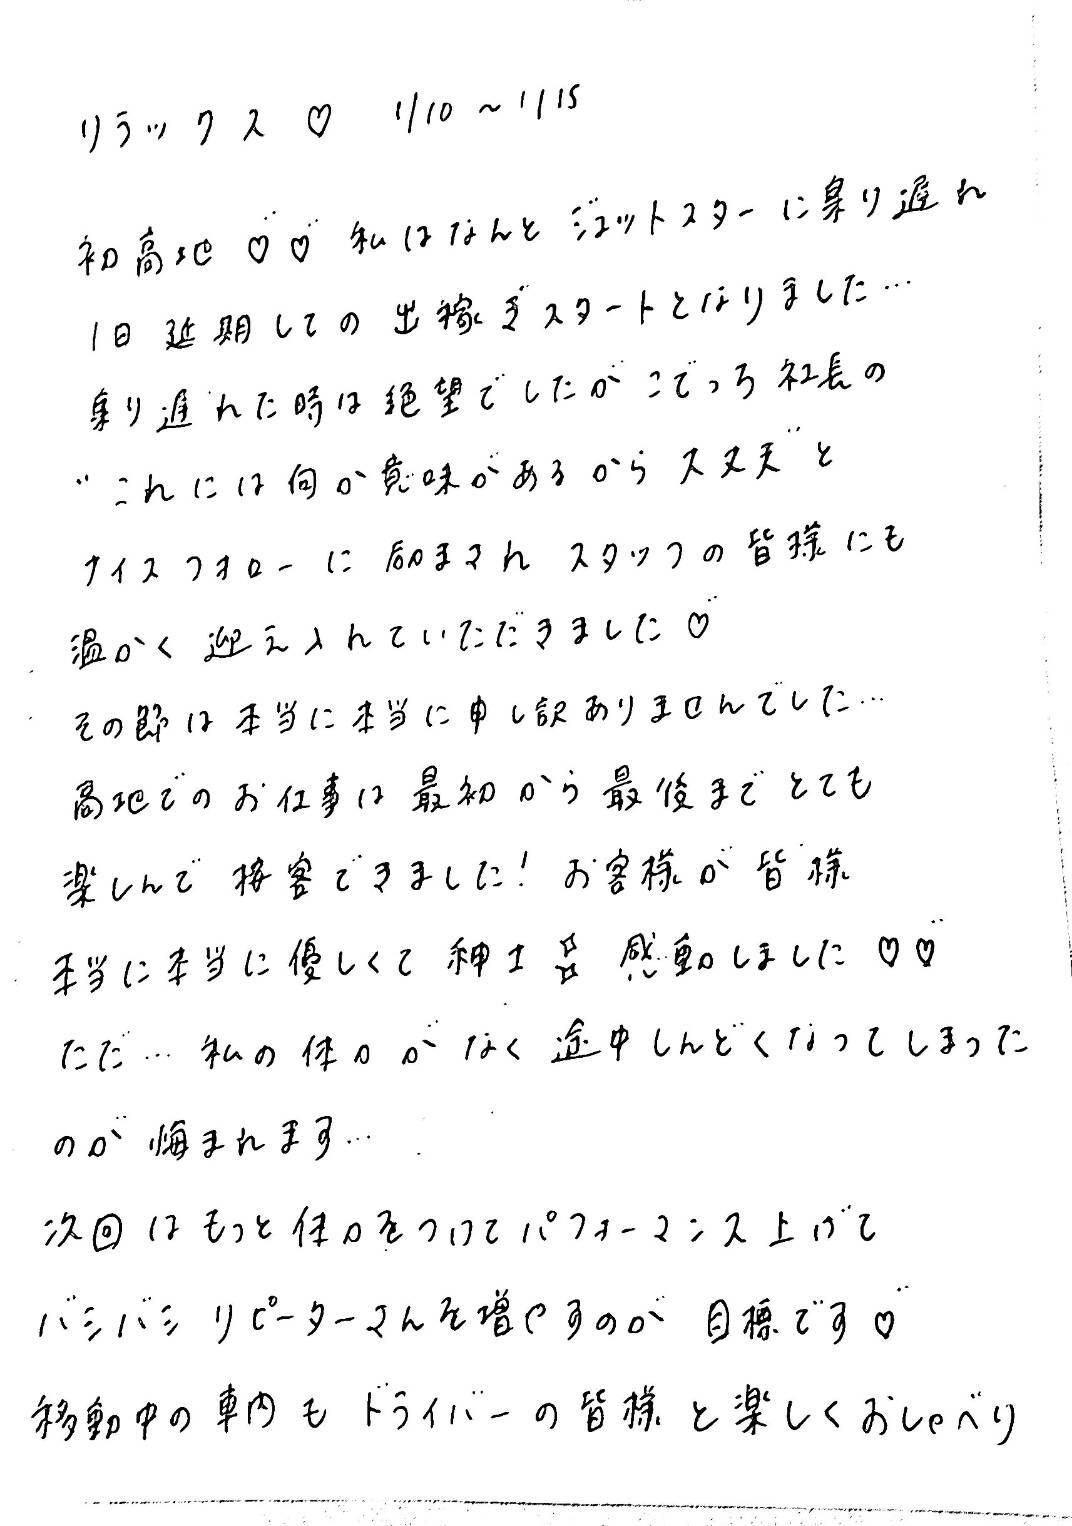 ゆりちゃんの出稼ぎノート、ヒントがいっぱいなので女子は読むべき!!